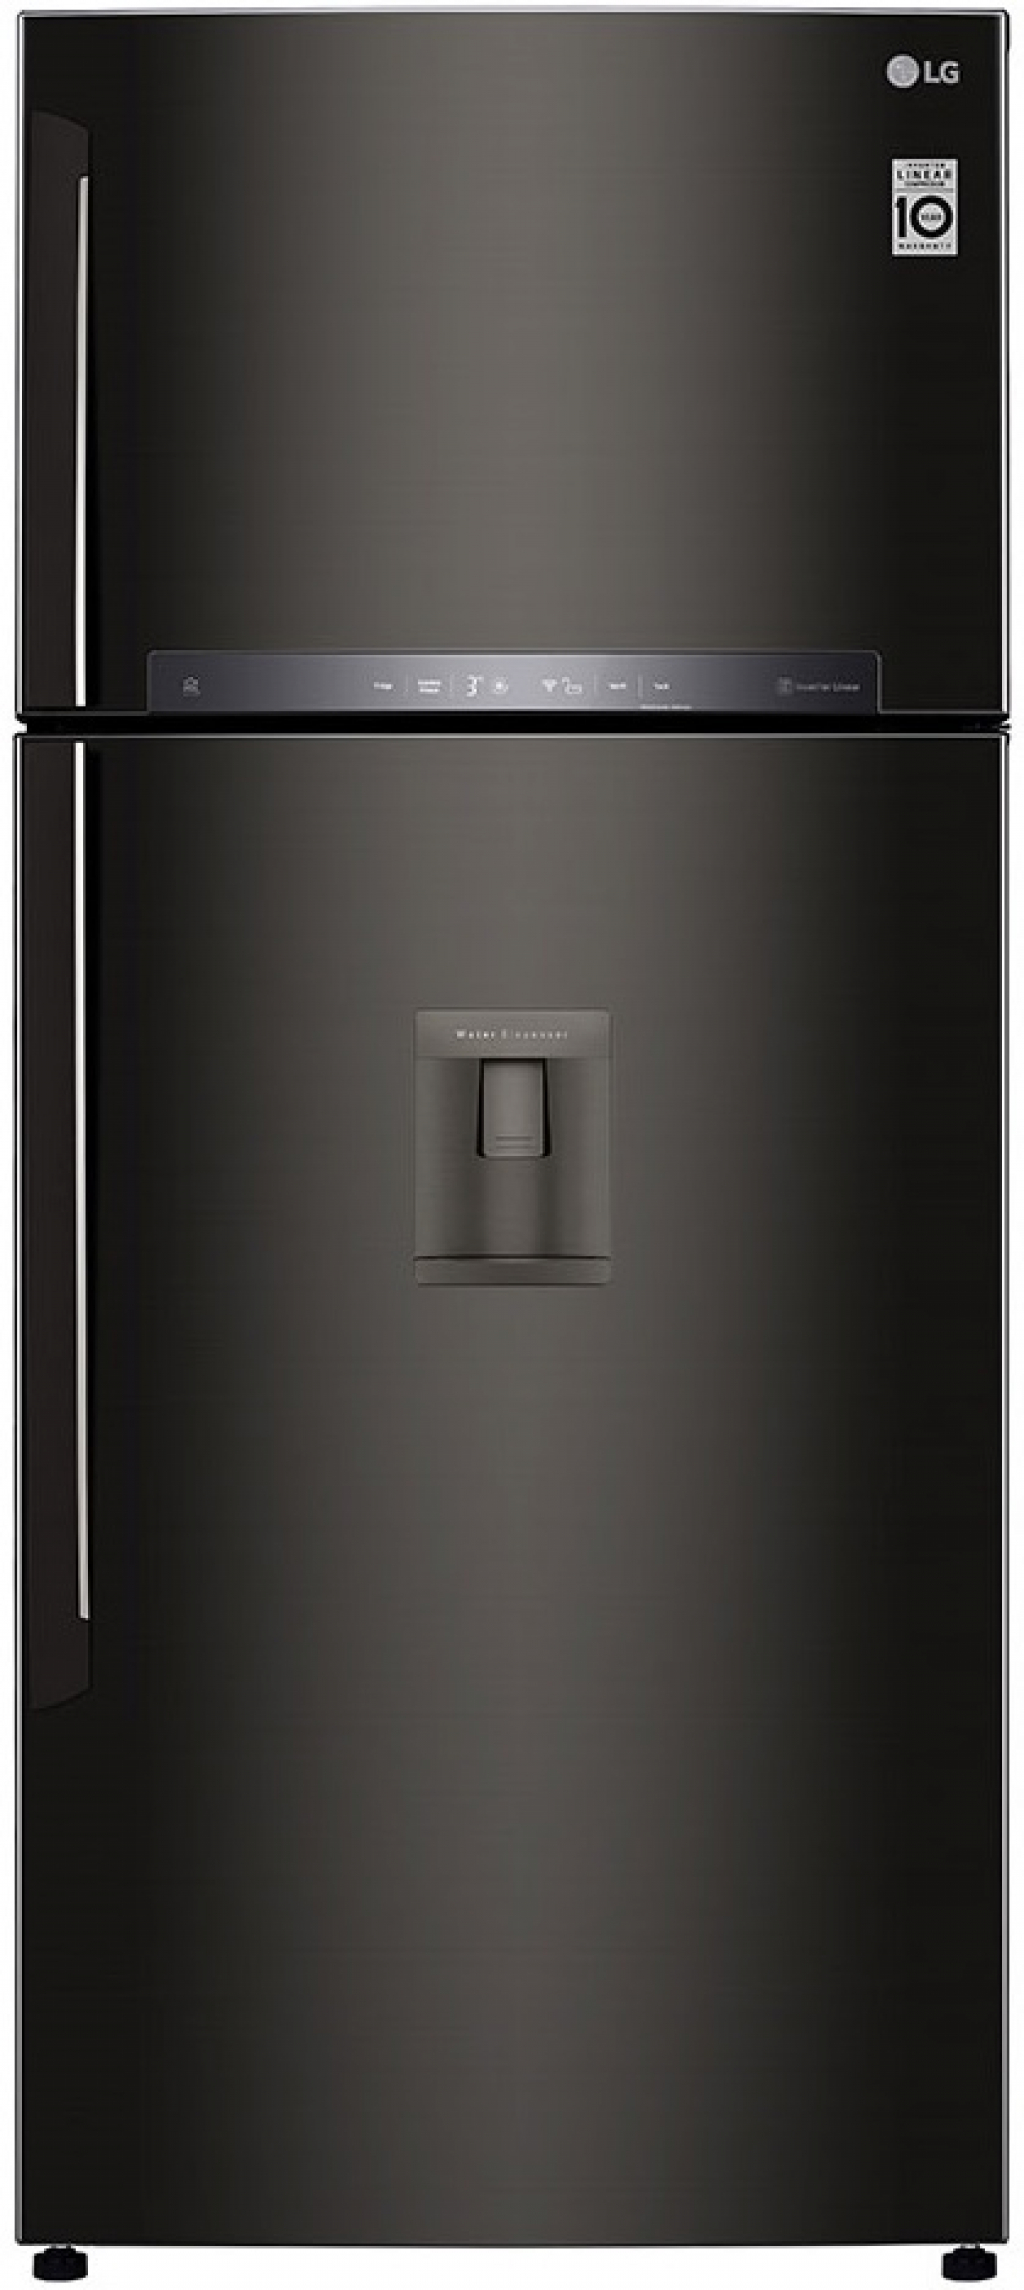 Хладилник с горна камера LG GTF-744 BLPZD